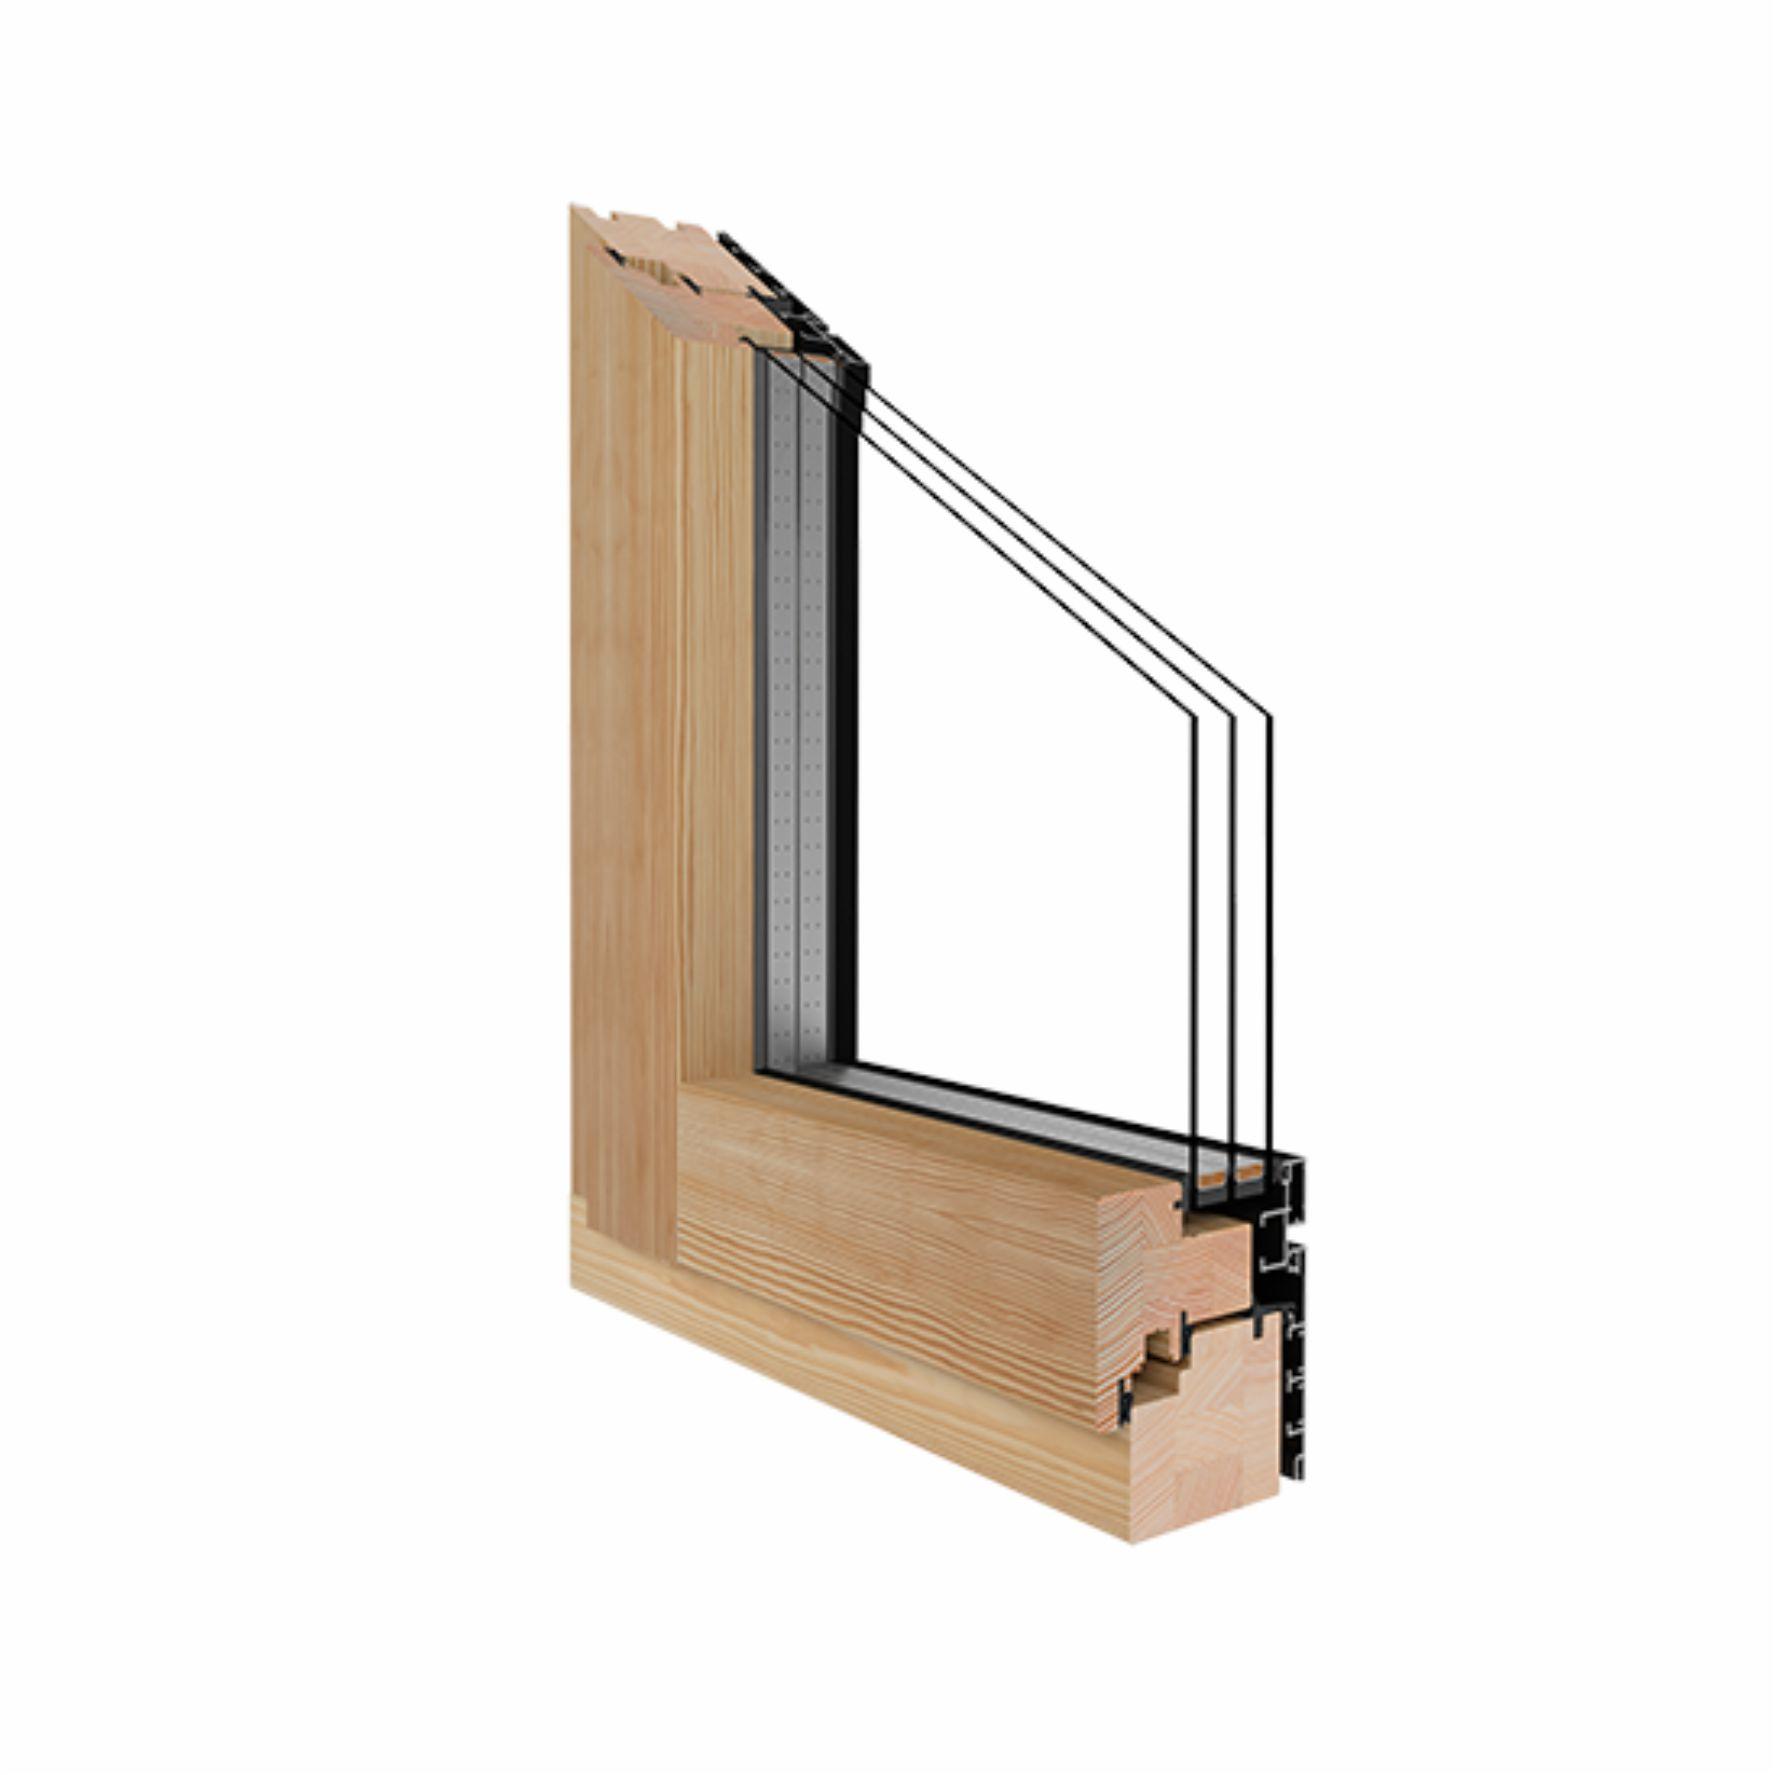 Full Size of Holz Alu Fenster Druteduoline 78 Kiefer Alle Gren Rc 2 Insektenschutzrollo Rolladen Zwangsbelüftung Nachrüsten Gebrauchte Kaufen Einbruchsicher Einbauen Fenster Fenster Drutex